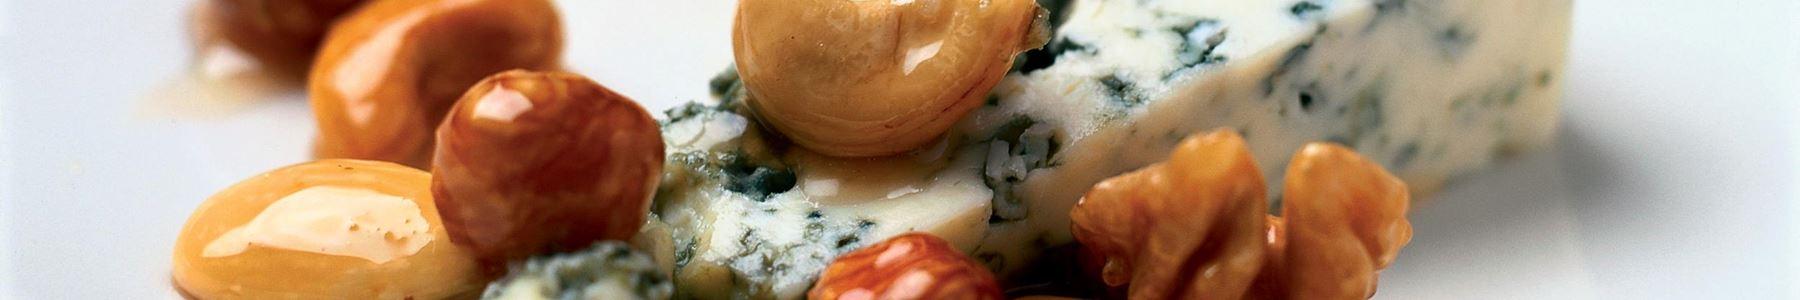 Pære + Ostetallerken